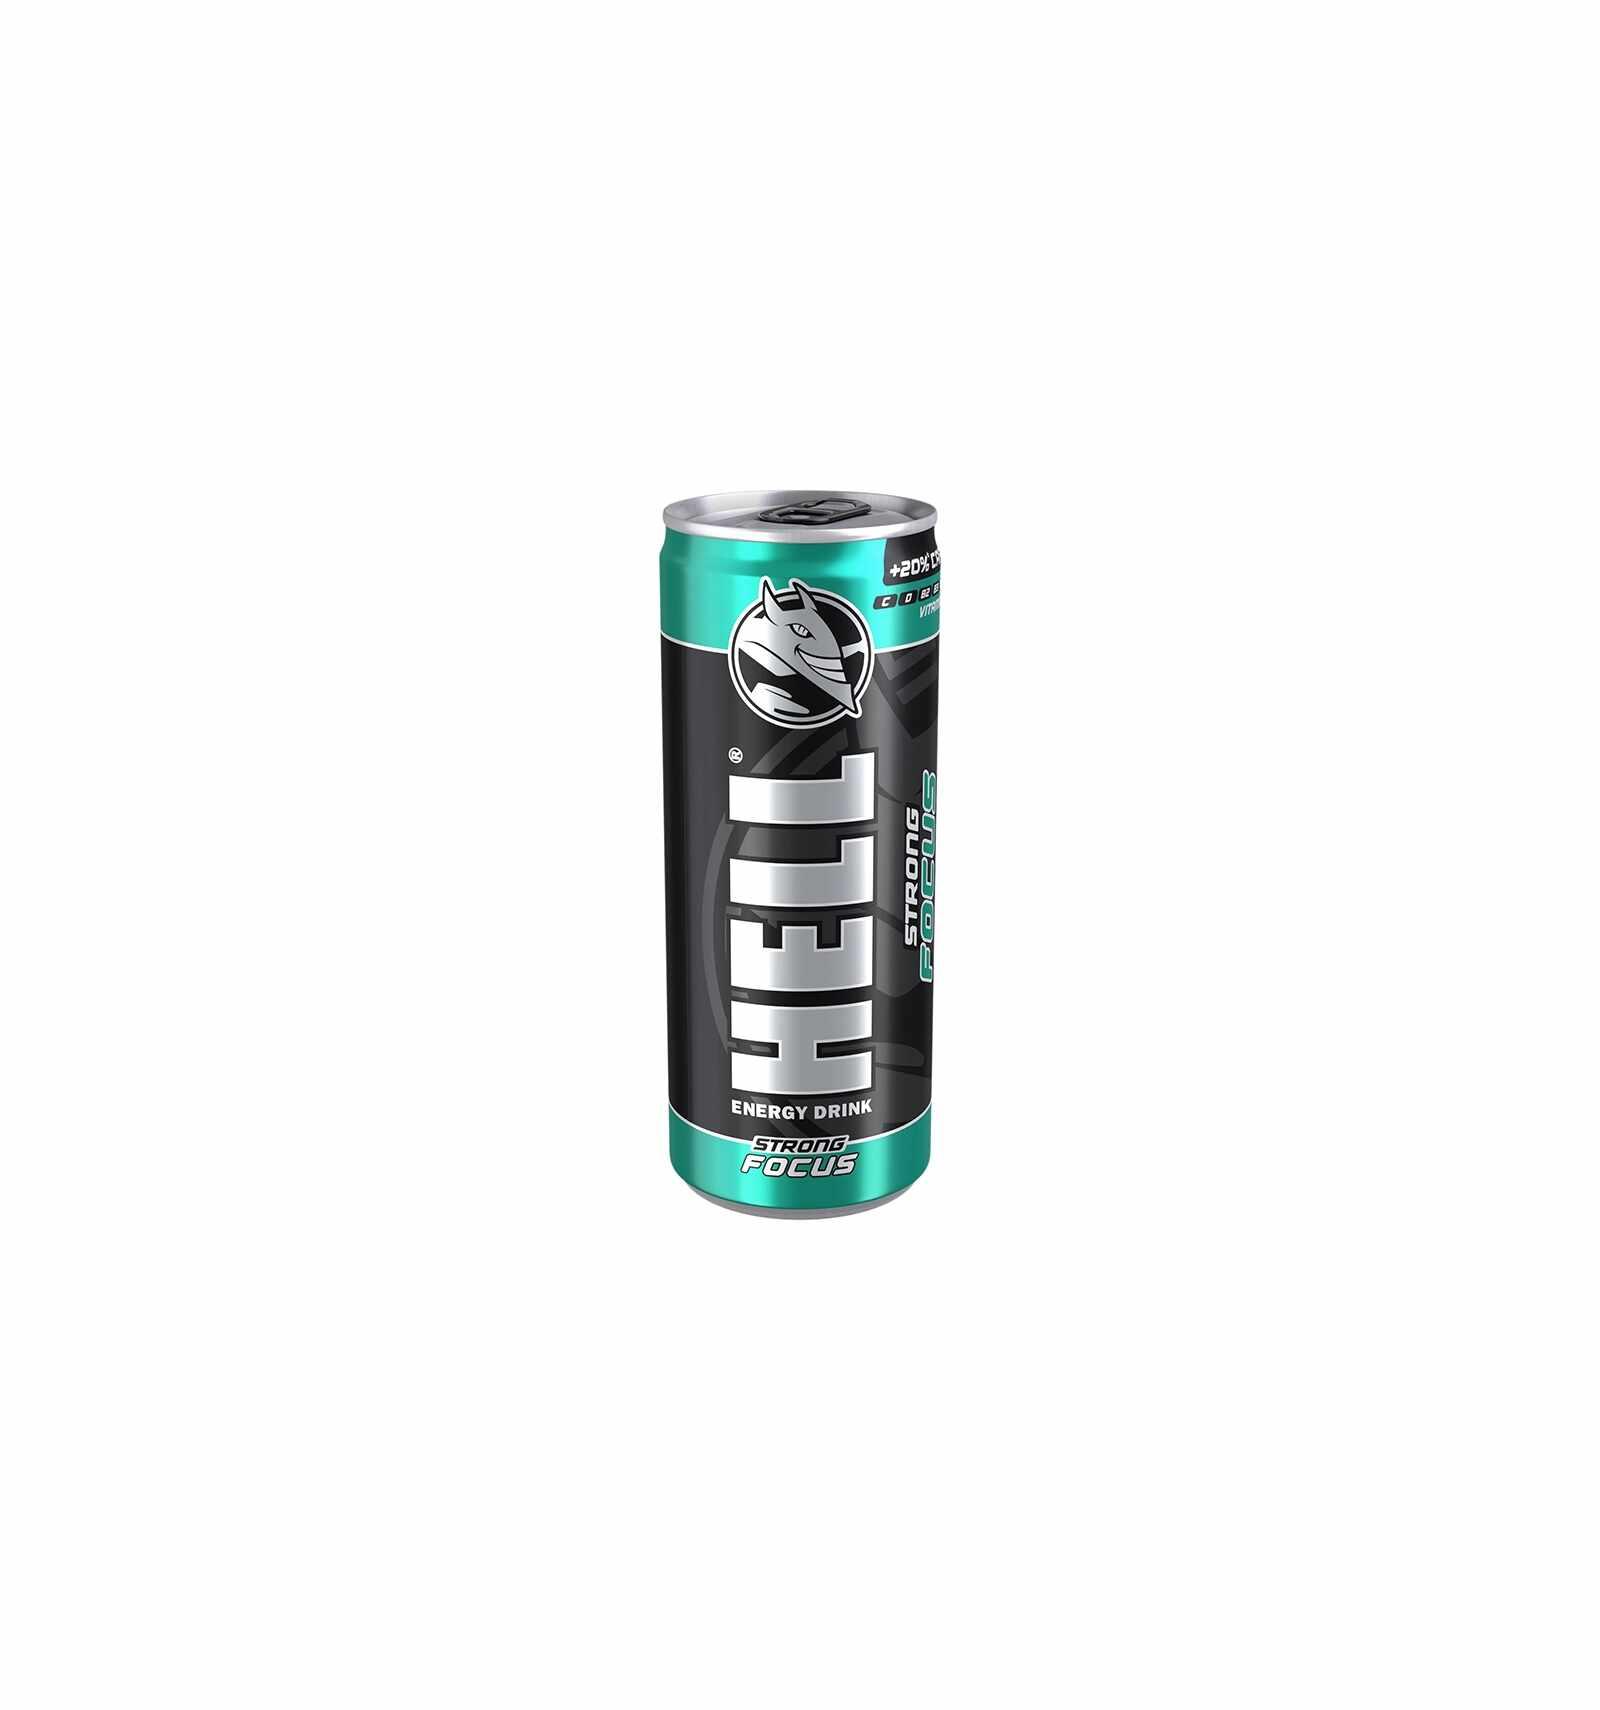 Atenție! O băutură energizantă populară a fost retrasă de urgență de la vânzare. Aceasta poate reprezenta un pericol pentru sănătate